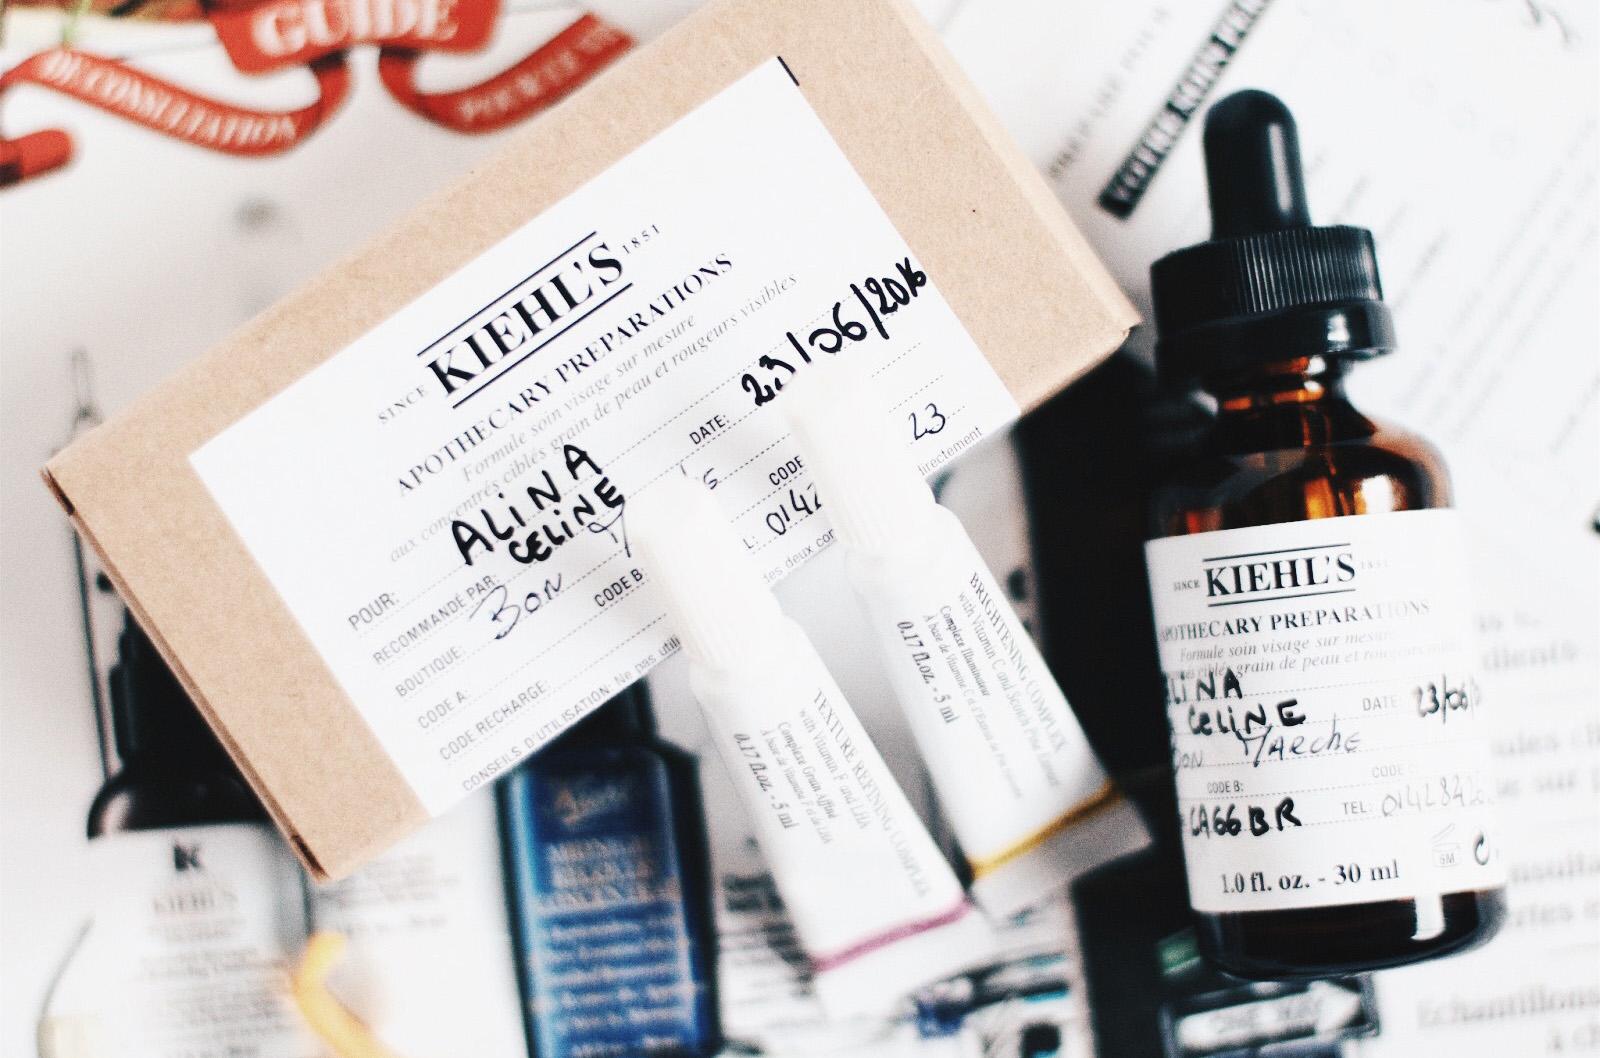 kiehls apothecary preparations soin personalisé avis test